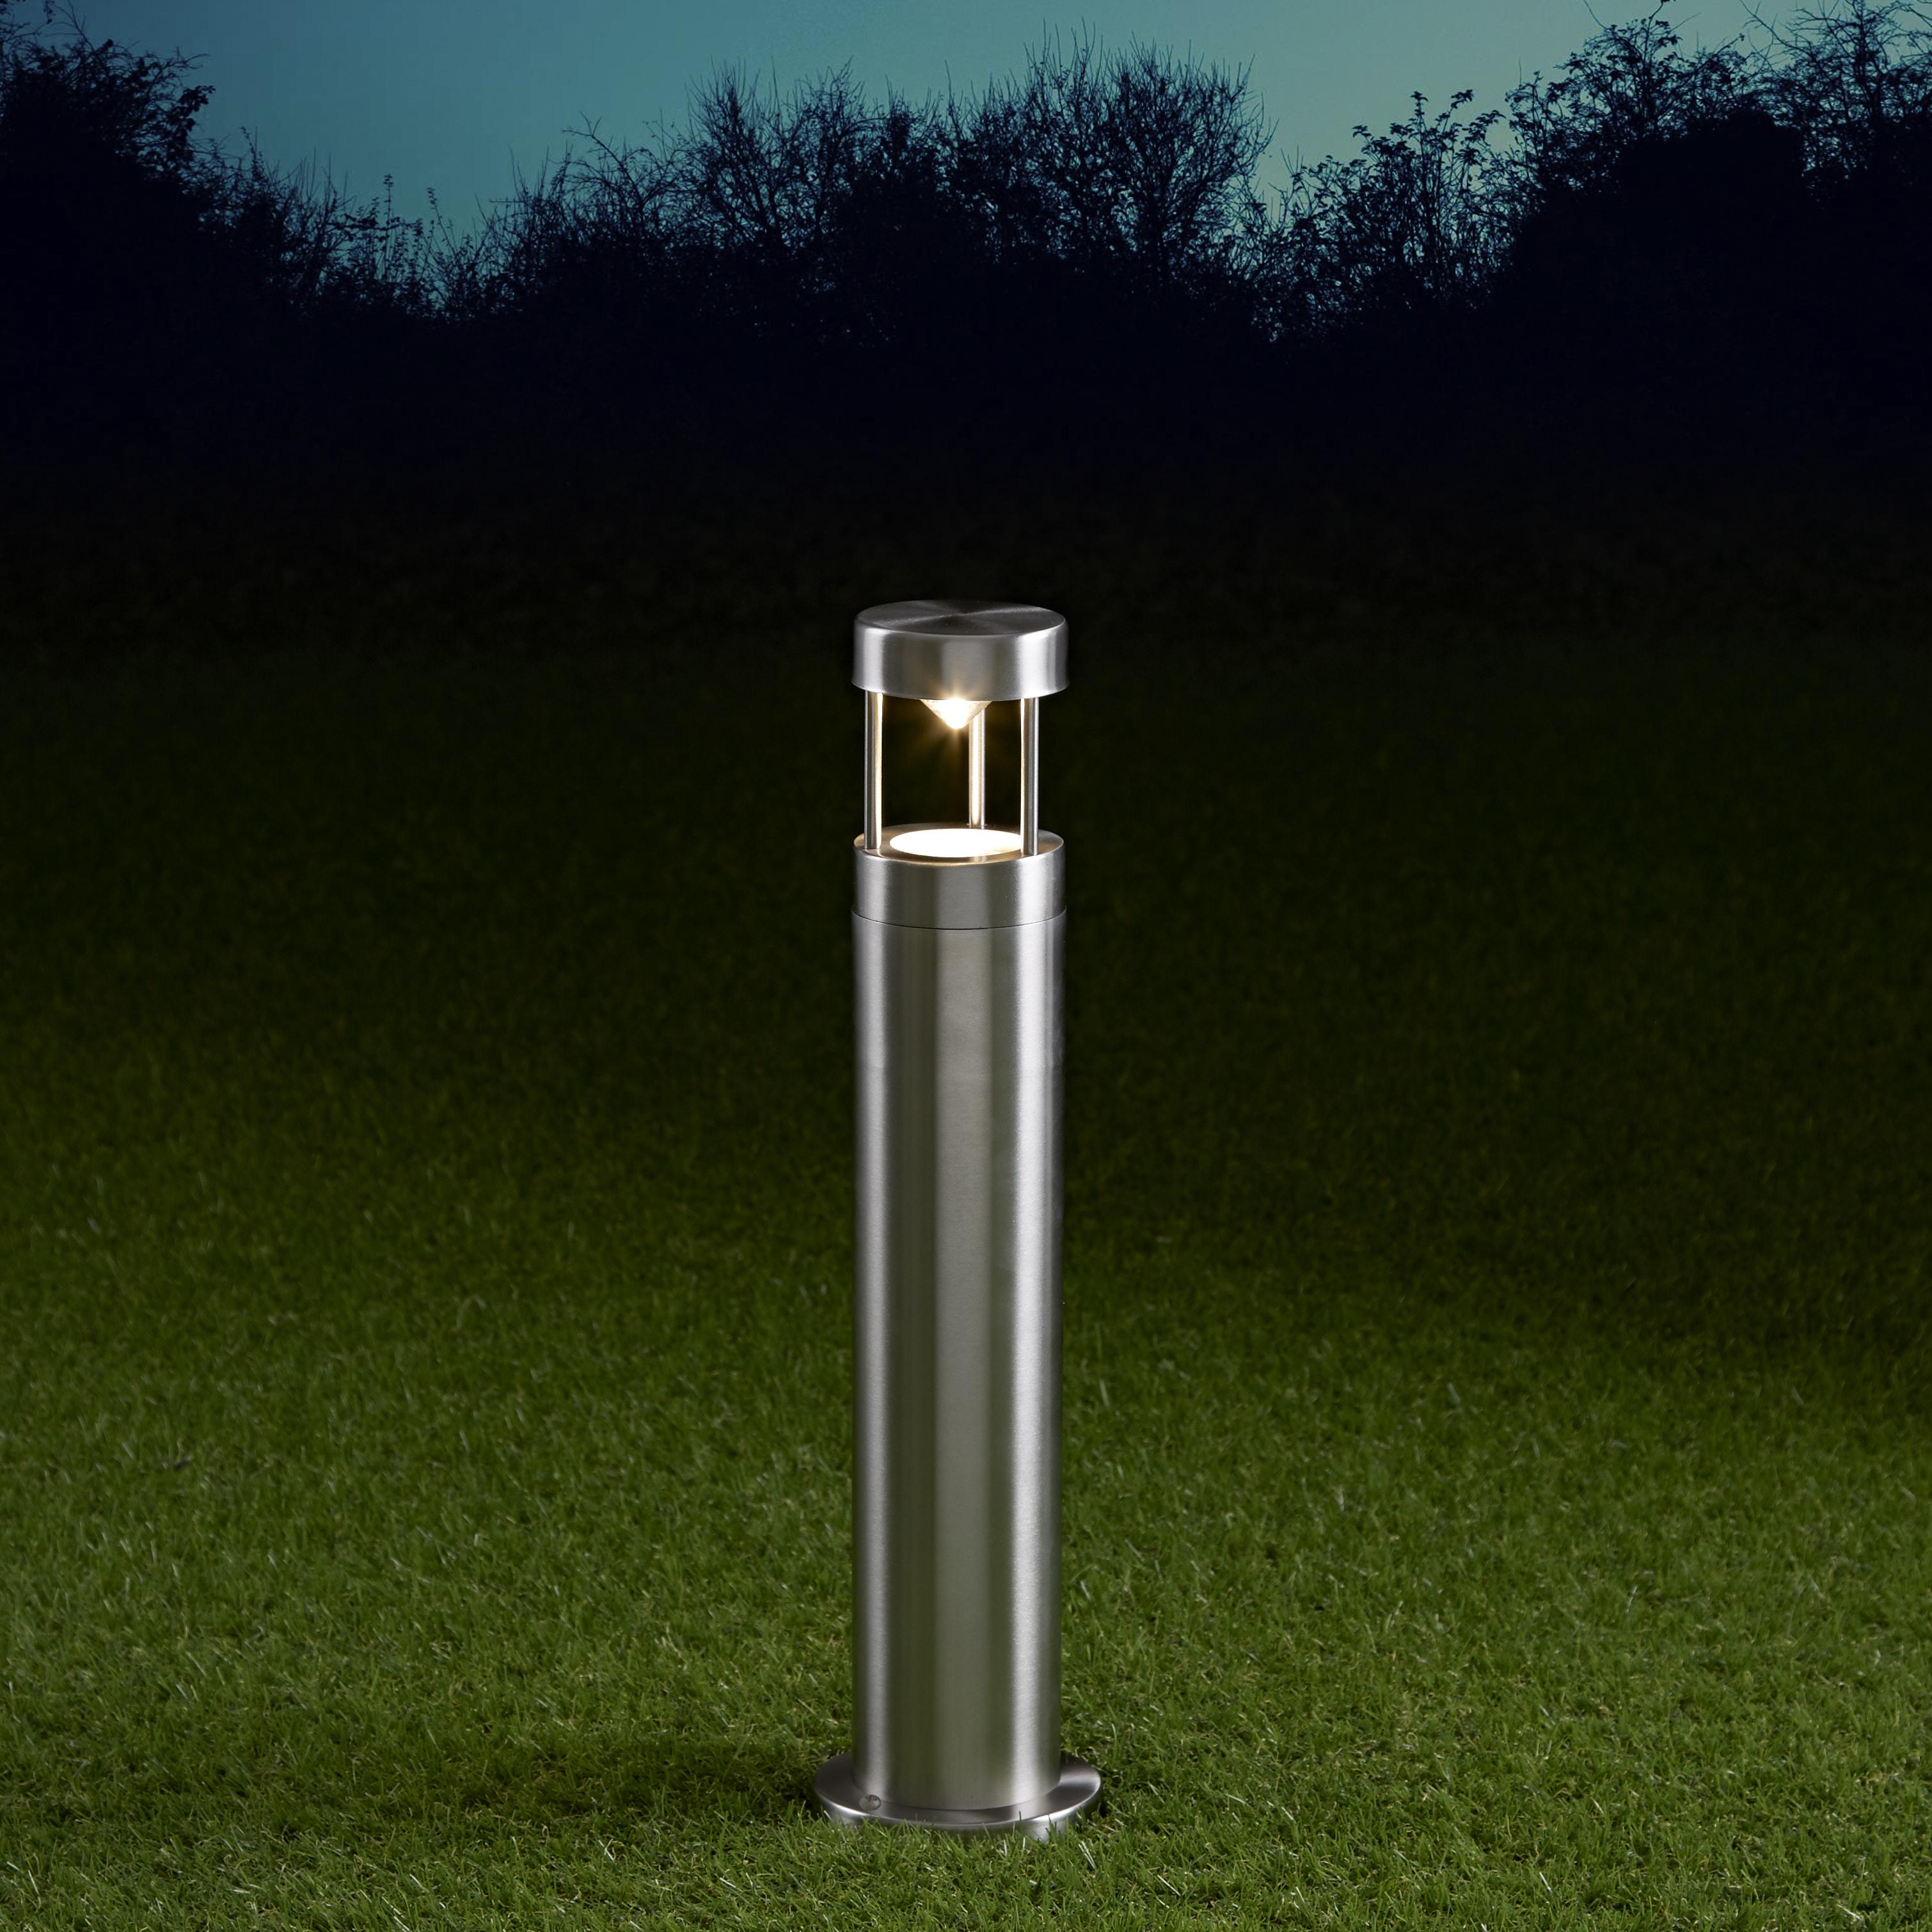 Biard Paletto LED da Esterno 5W in Acciaio Inox 450mm con Lampadina GU10 - Niort